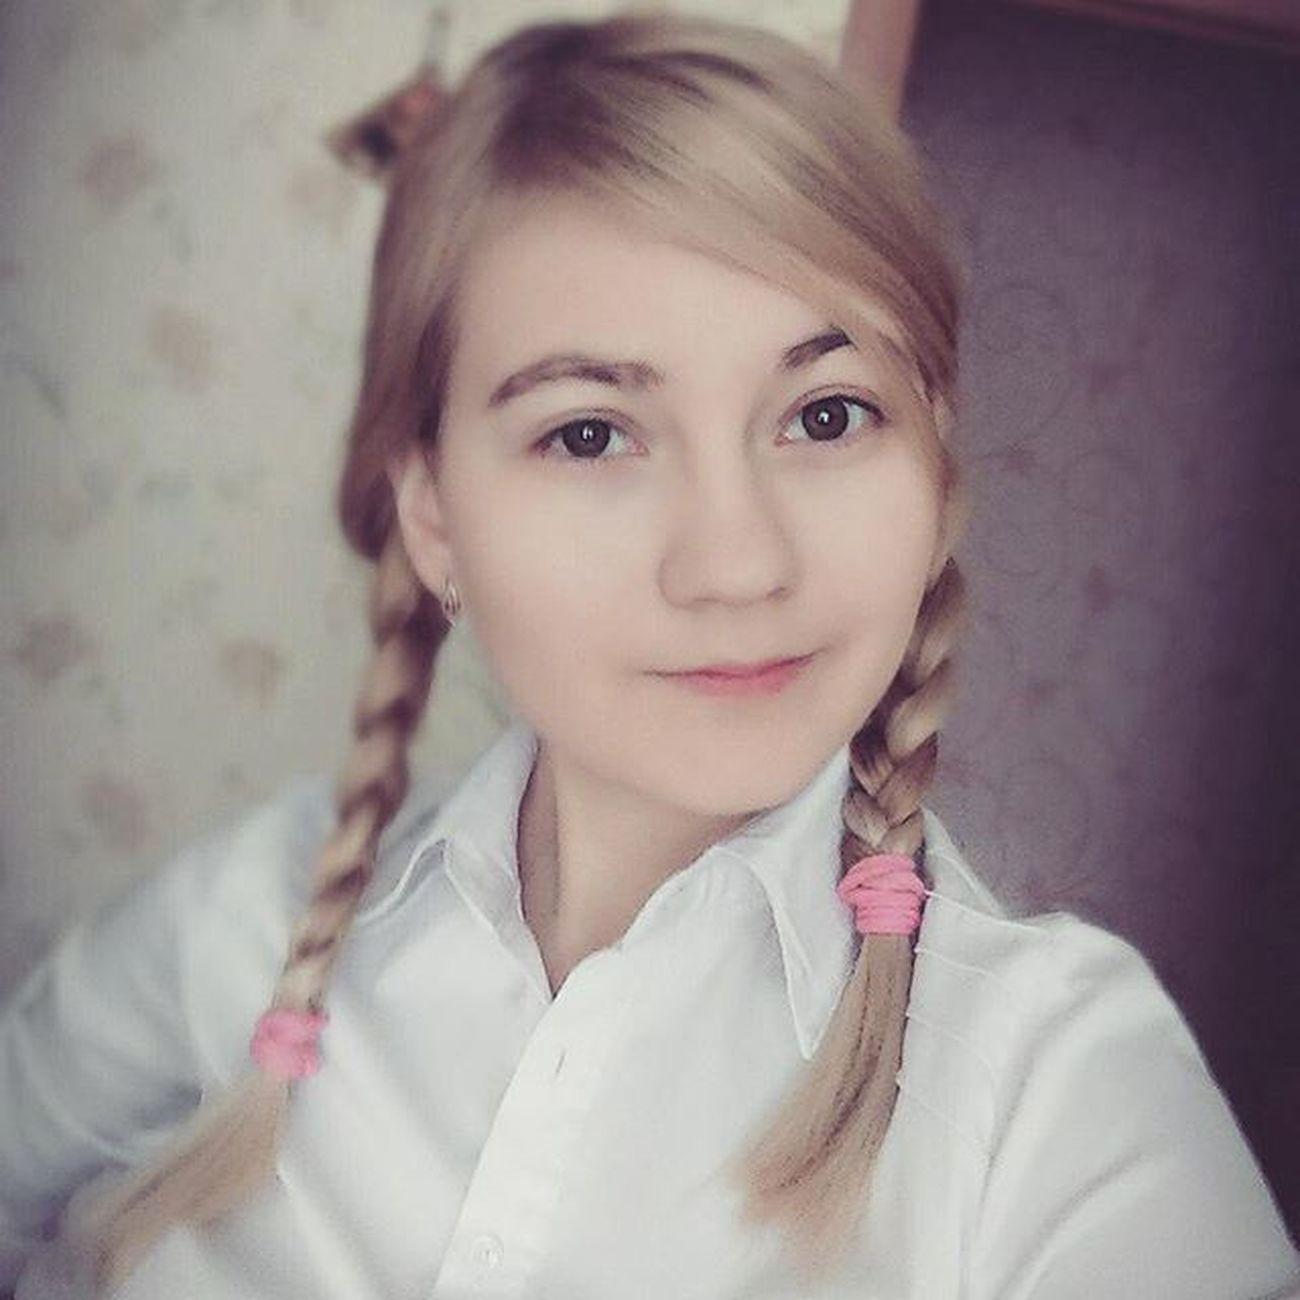 селфи этоя  утро собралась на учебу косички милая девушка Selfie Itsme Morning Go To  School Schoolday Sweet Girl Blonde блондинка Russiangirl Today сегодня